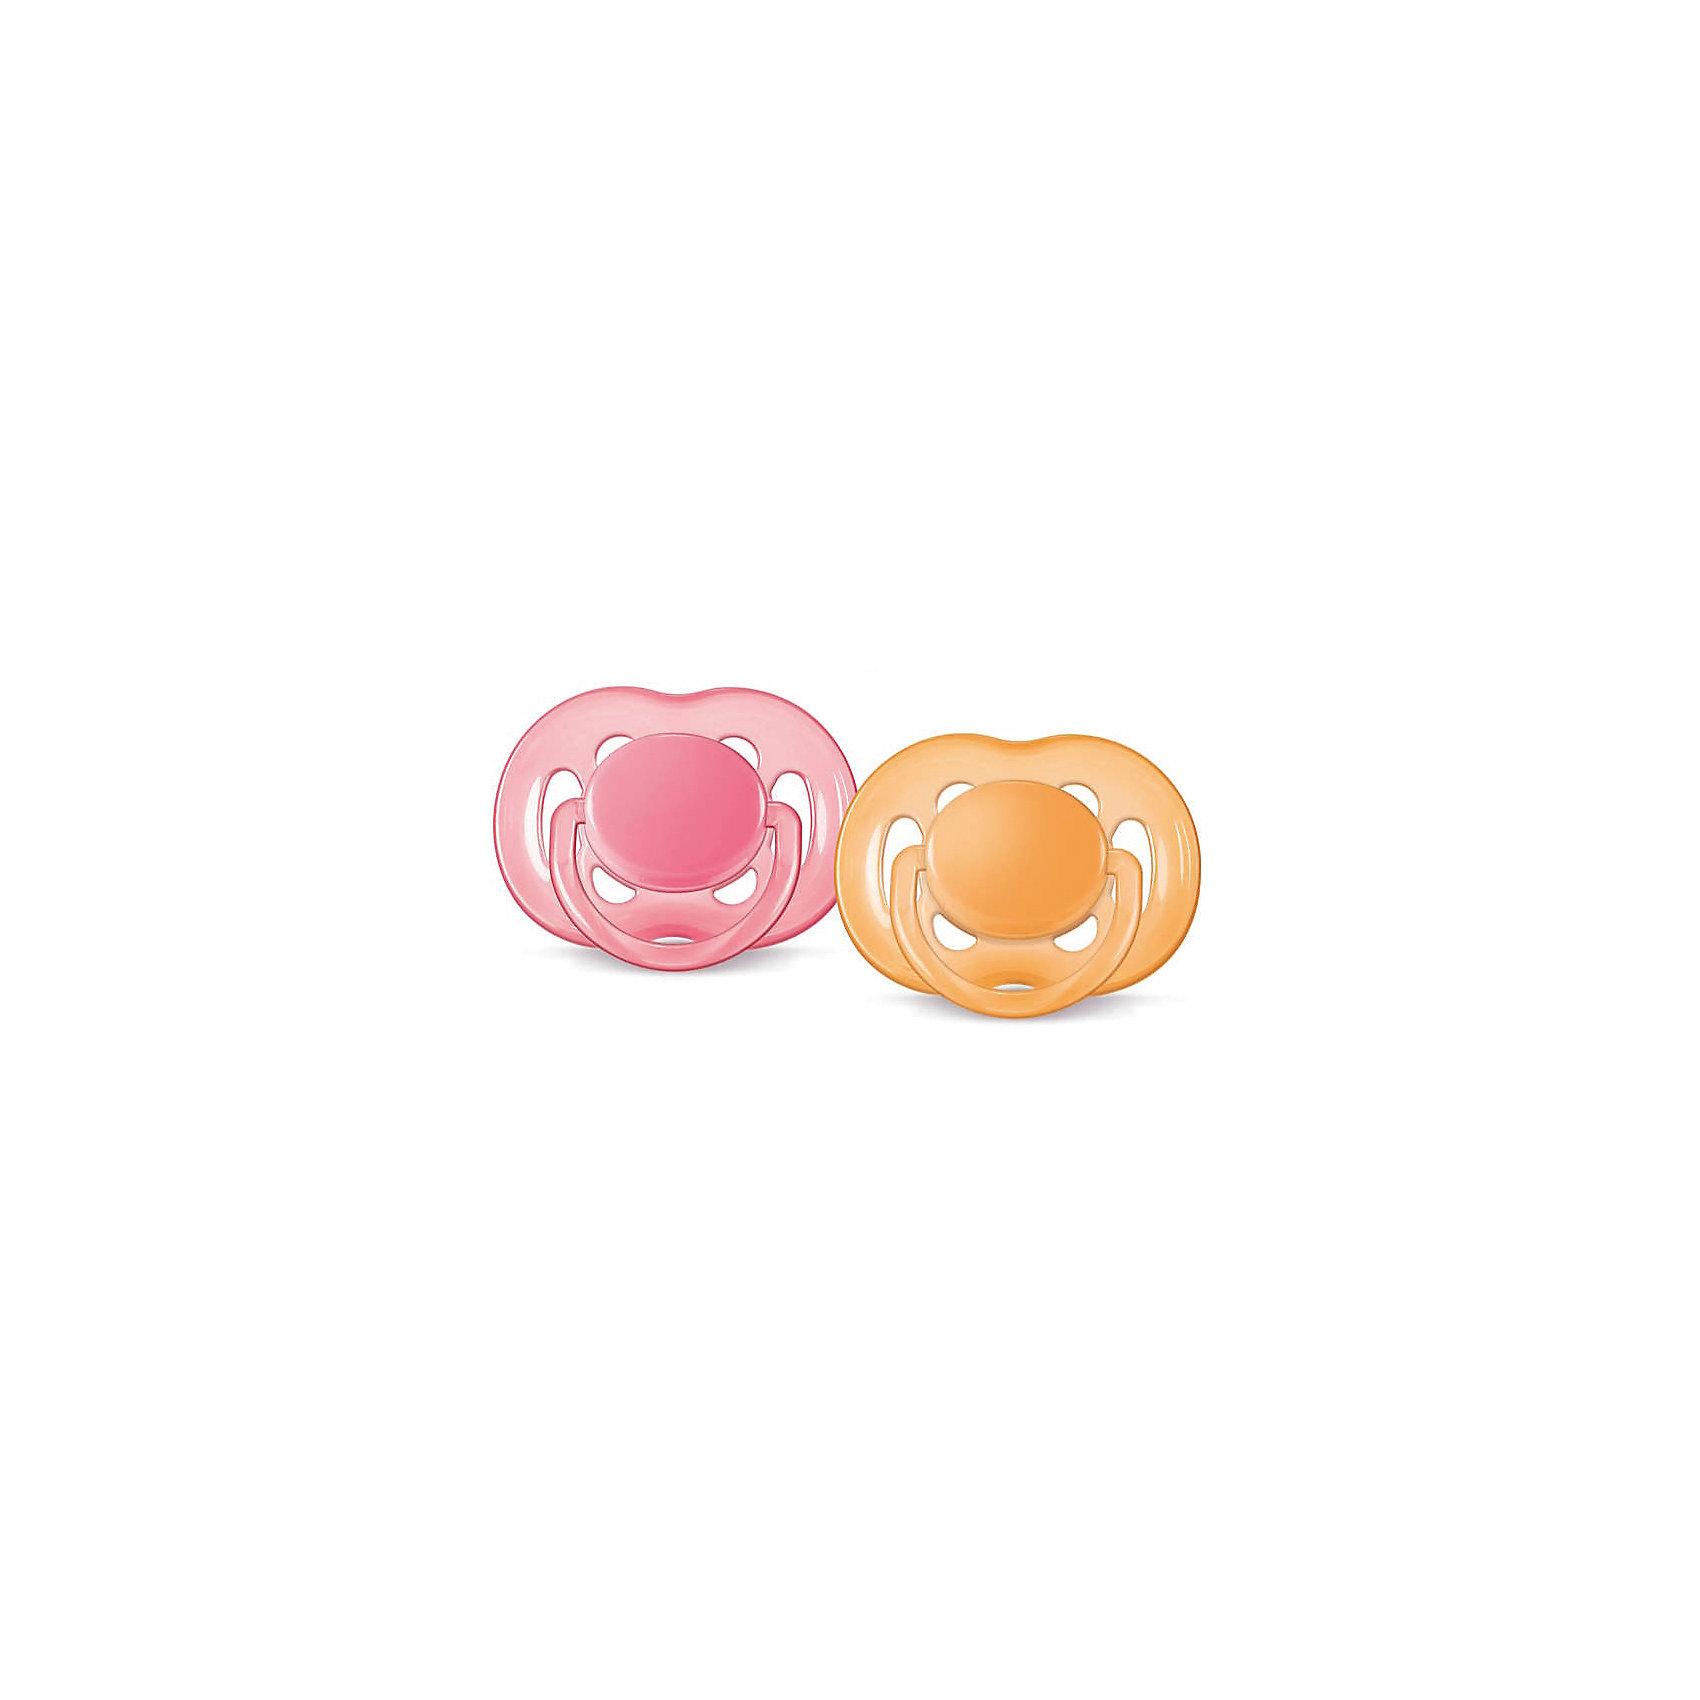 Соска-пустышка 6-18 мес, 2 шт., Philips Avent, розовый/желтыйПустышки и аксессуары<br>Невероятно удобная, симметрично мягкая соска-пустышка специально для Вашего ребенка!  Соска выполнена учитывая строение и естественное развитие неба, зубов и десен малыша и гарантирует комфорт. На щитке пустышки имеются специальные вентиляционные отверстия, которые предотвращают появление раздражения кожи. Колечко соски светится в темноте.<br><br>Дополнительная информация:<br><br>- Возраст: с 6 до 18 месяцев.<br>- Кол-во в упаковке: 2 шт.<br>- Цвет: розовый/желтый.<br>- Состав: высококачественный силикон.<br>- Размер упаковки: 5х10х10 см.<br>- Вес в упаковке: 63 г. <br><br>Купить соску-пустышку от Philips Avent, можно в нашем магазине.<br><br>Ширина мм: 50<br>Глубина мм: 100<br>Высота мм: 100<br>Вес г: 63<br>Возраст от месяцев: 6<br>Возраст до месяцев: 18<br>Пол: Женский<br>Возраст: Детский<br>SKU: 4880882